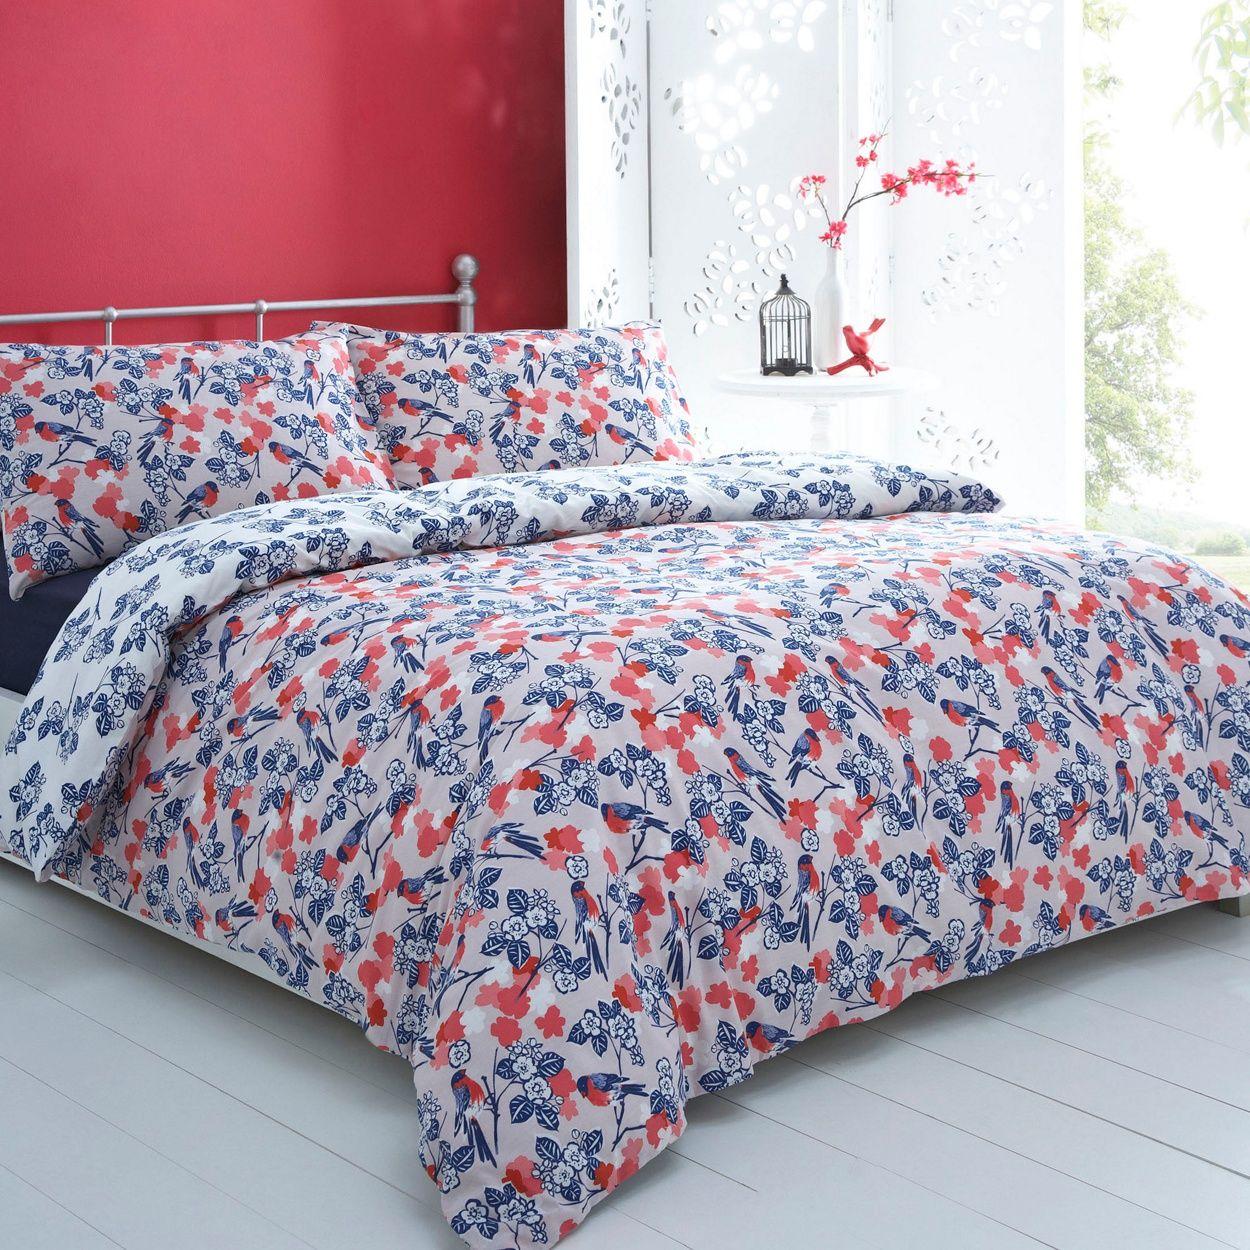 Debenhams Blue 'Birdie' bed linen- at Debenhams.com£7.68 ...